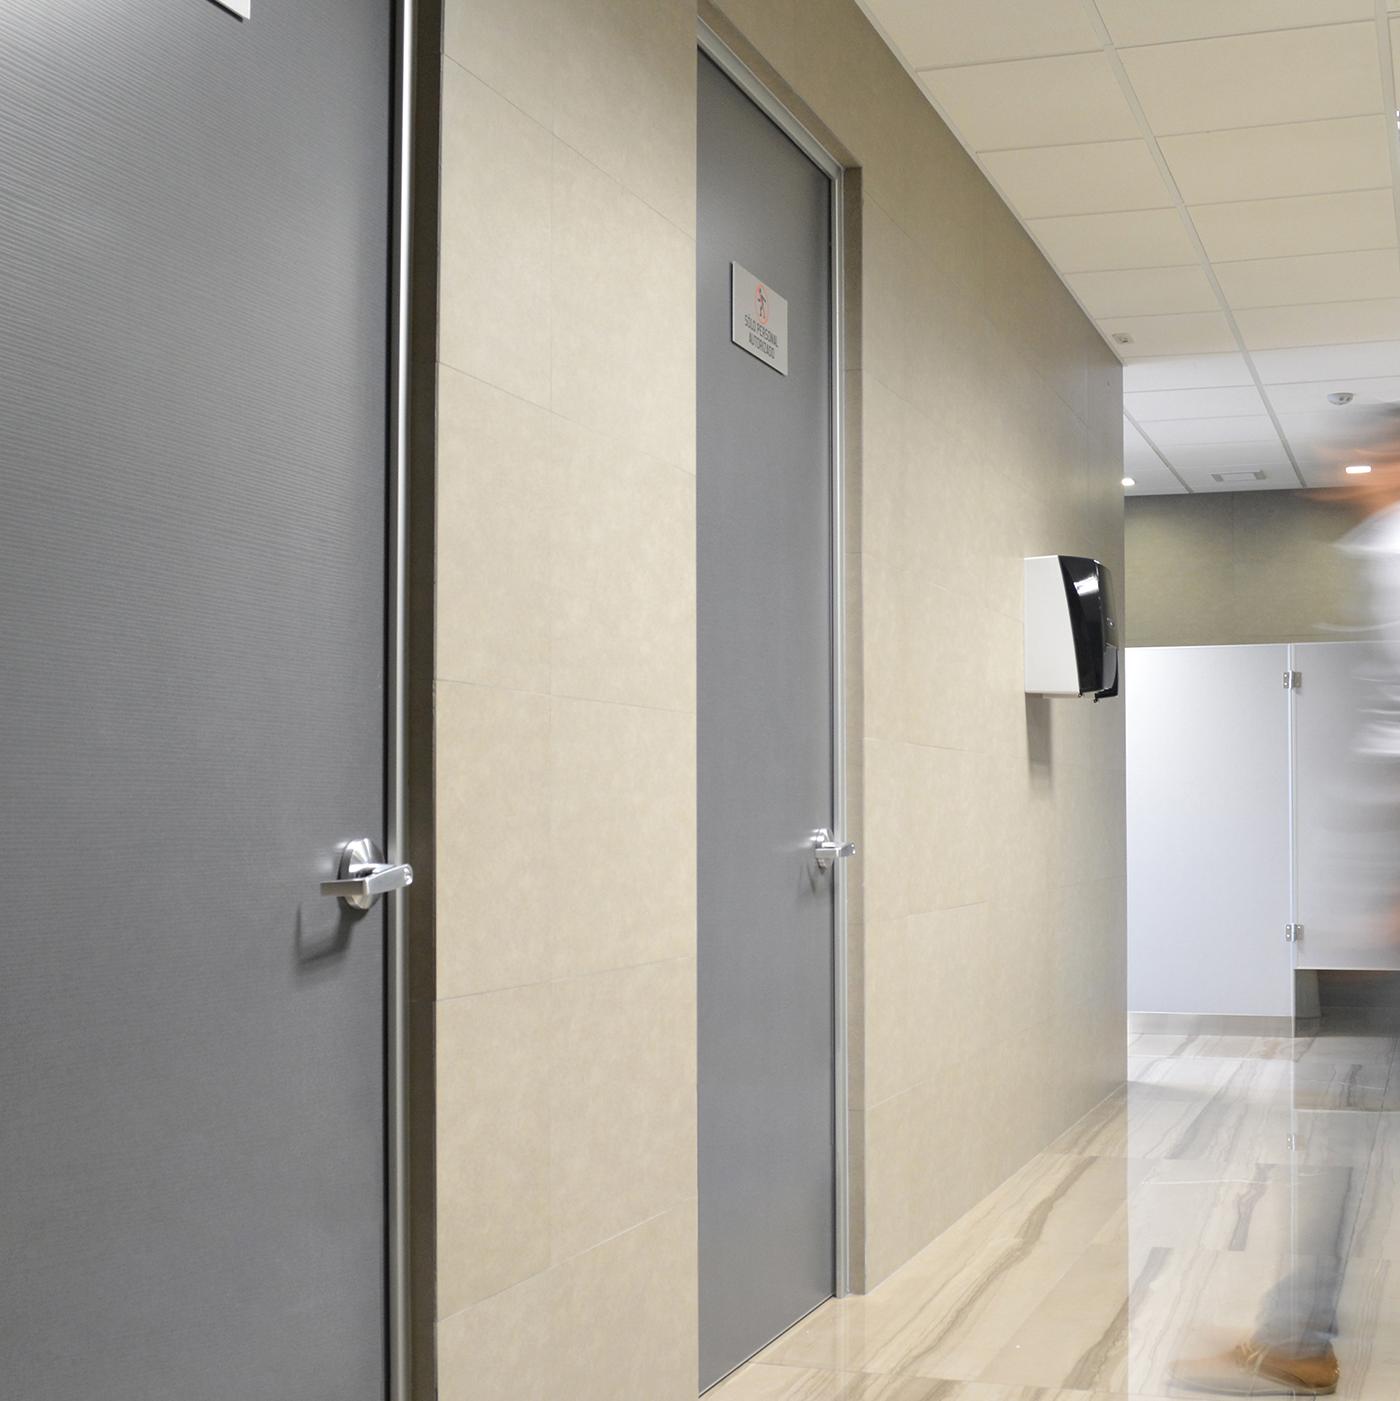 puertas-modumex-multiusos-accesos-publicos